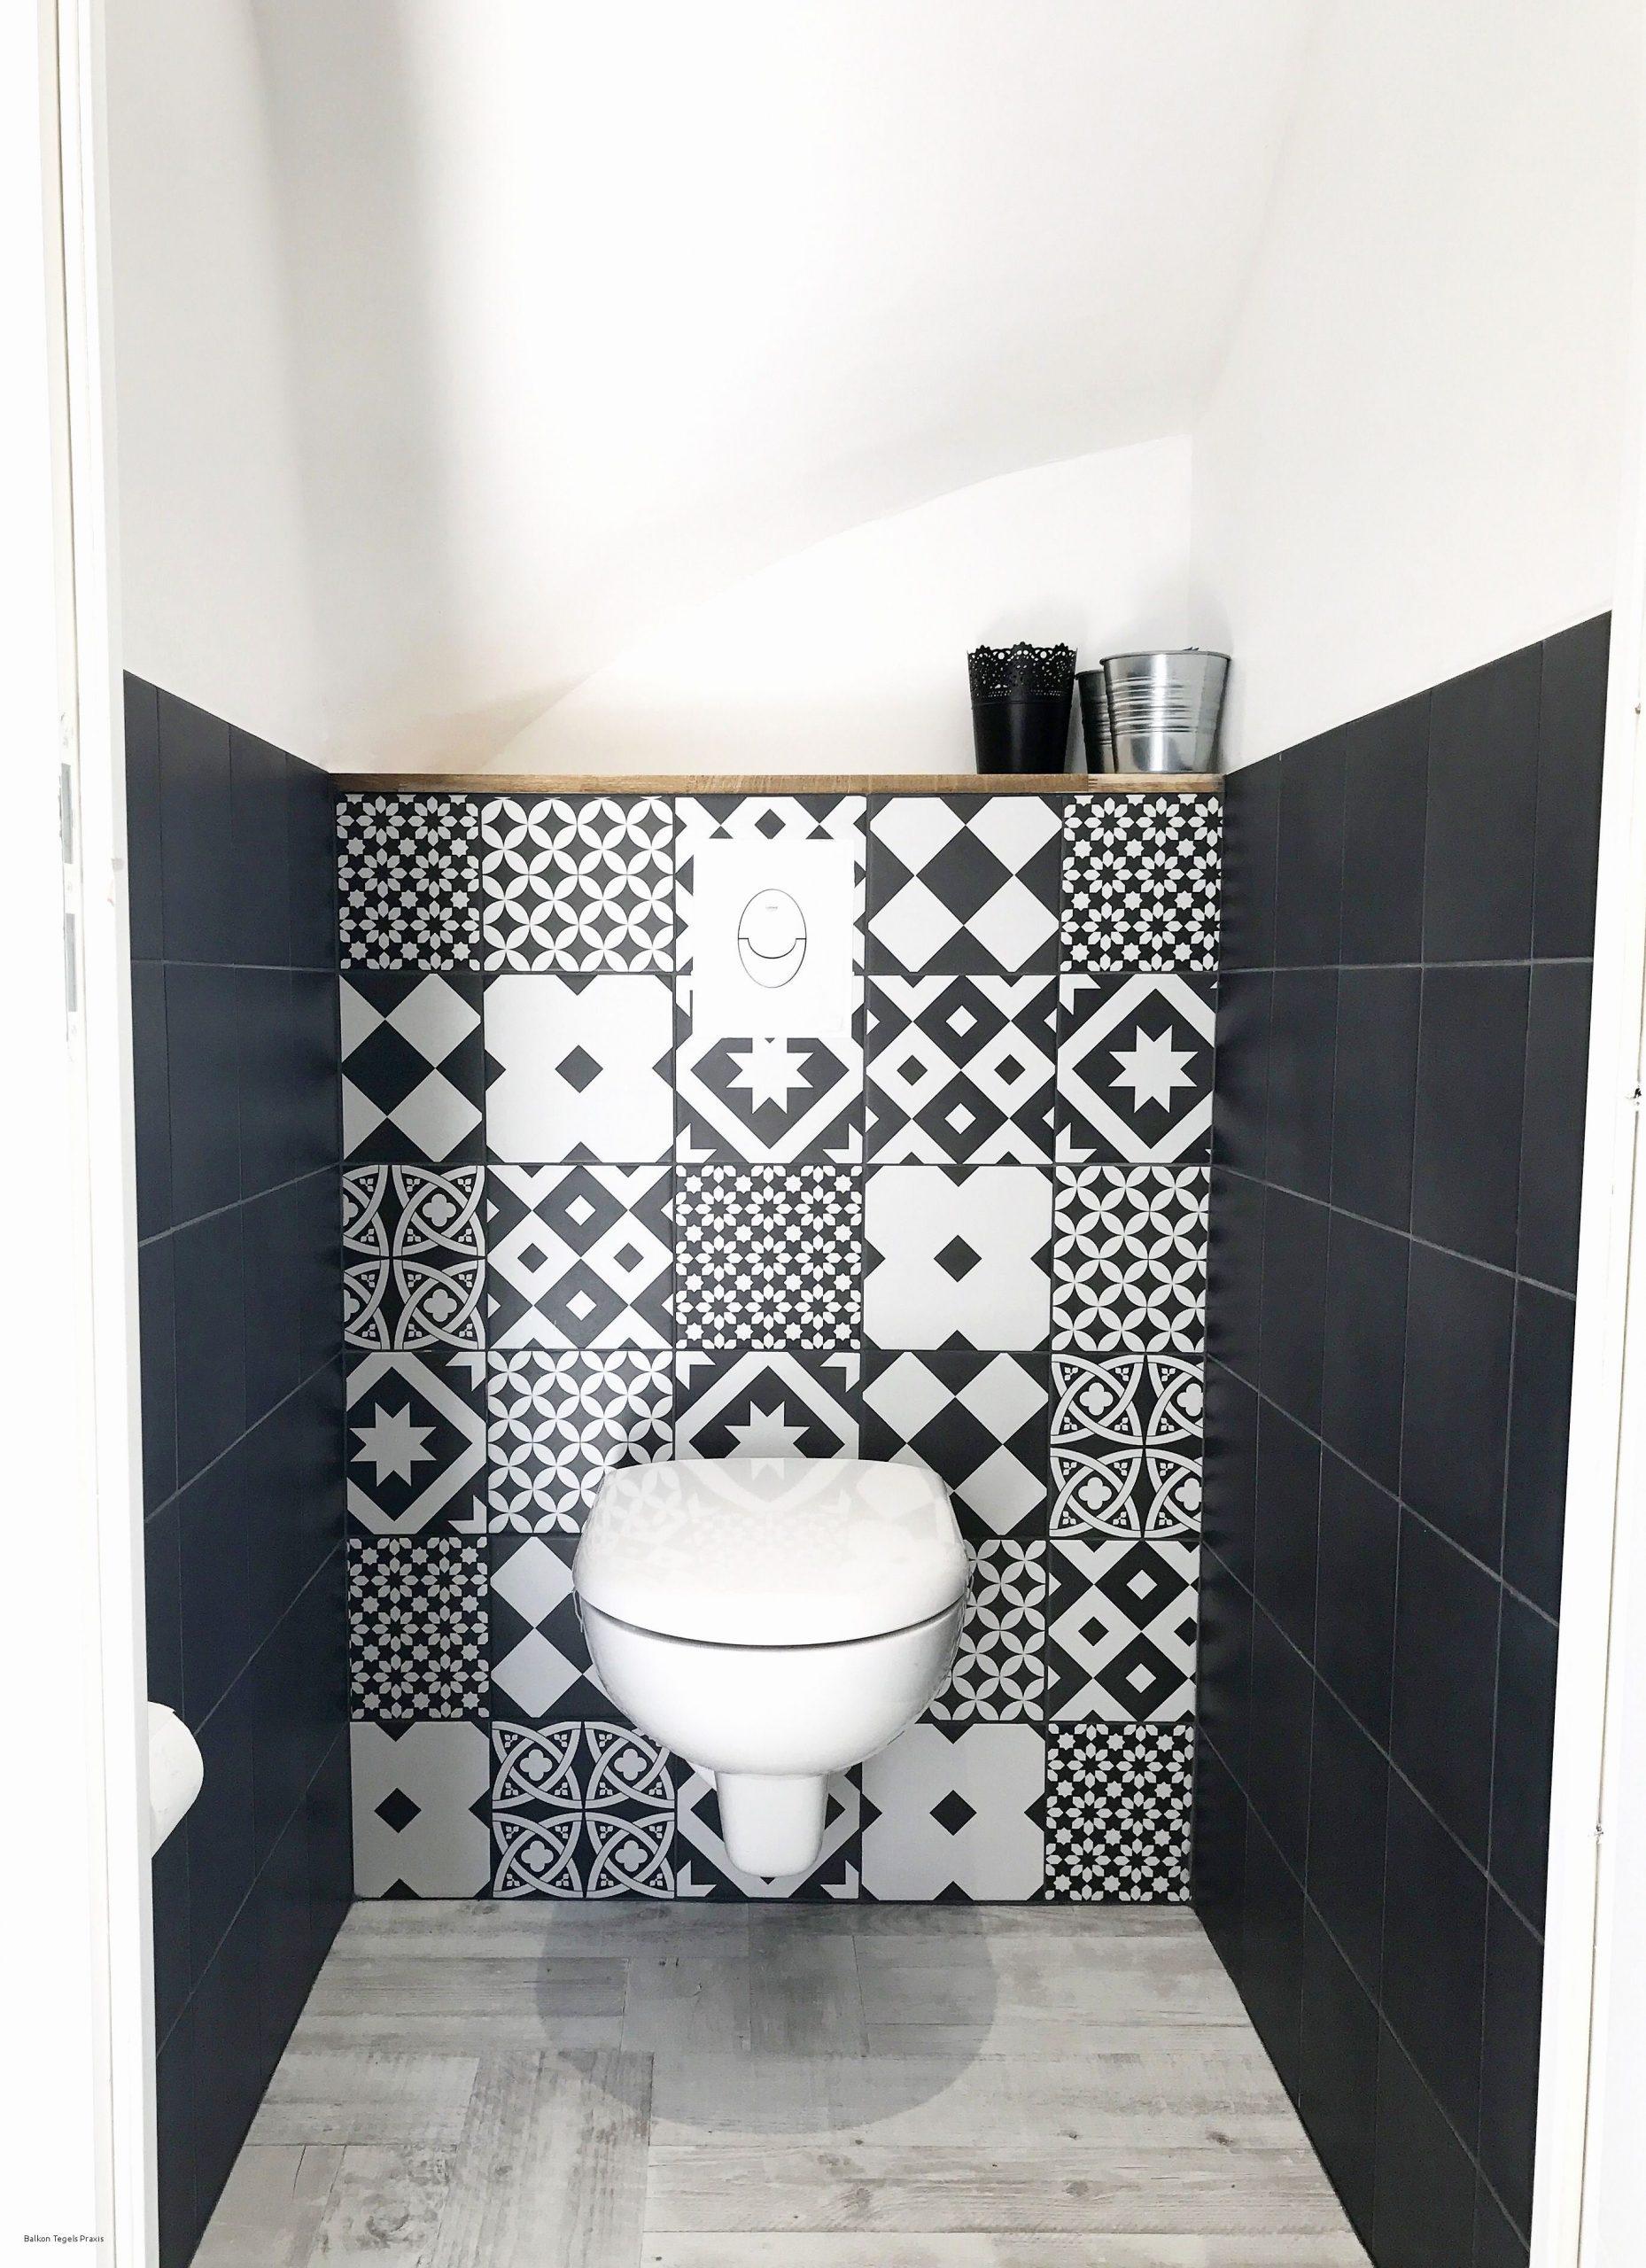 20 Idées Pour Le Revêtement Mural De Ses Toilettes | Idée serapportantà Carrelage Wc Tendance 2020